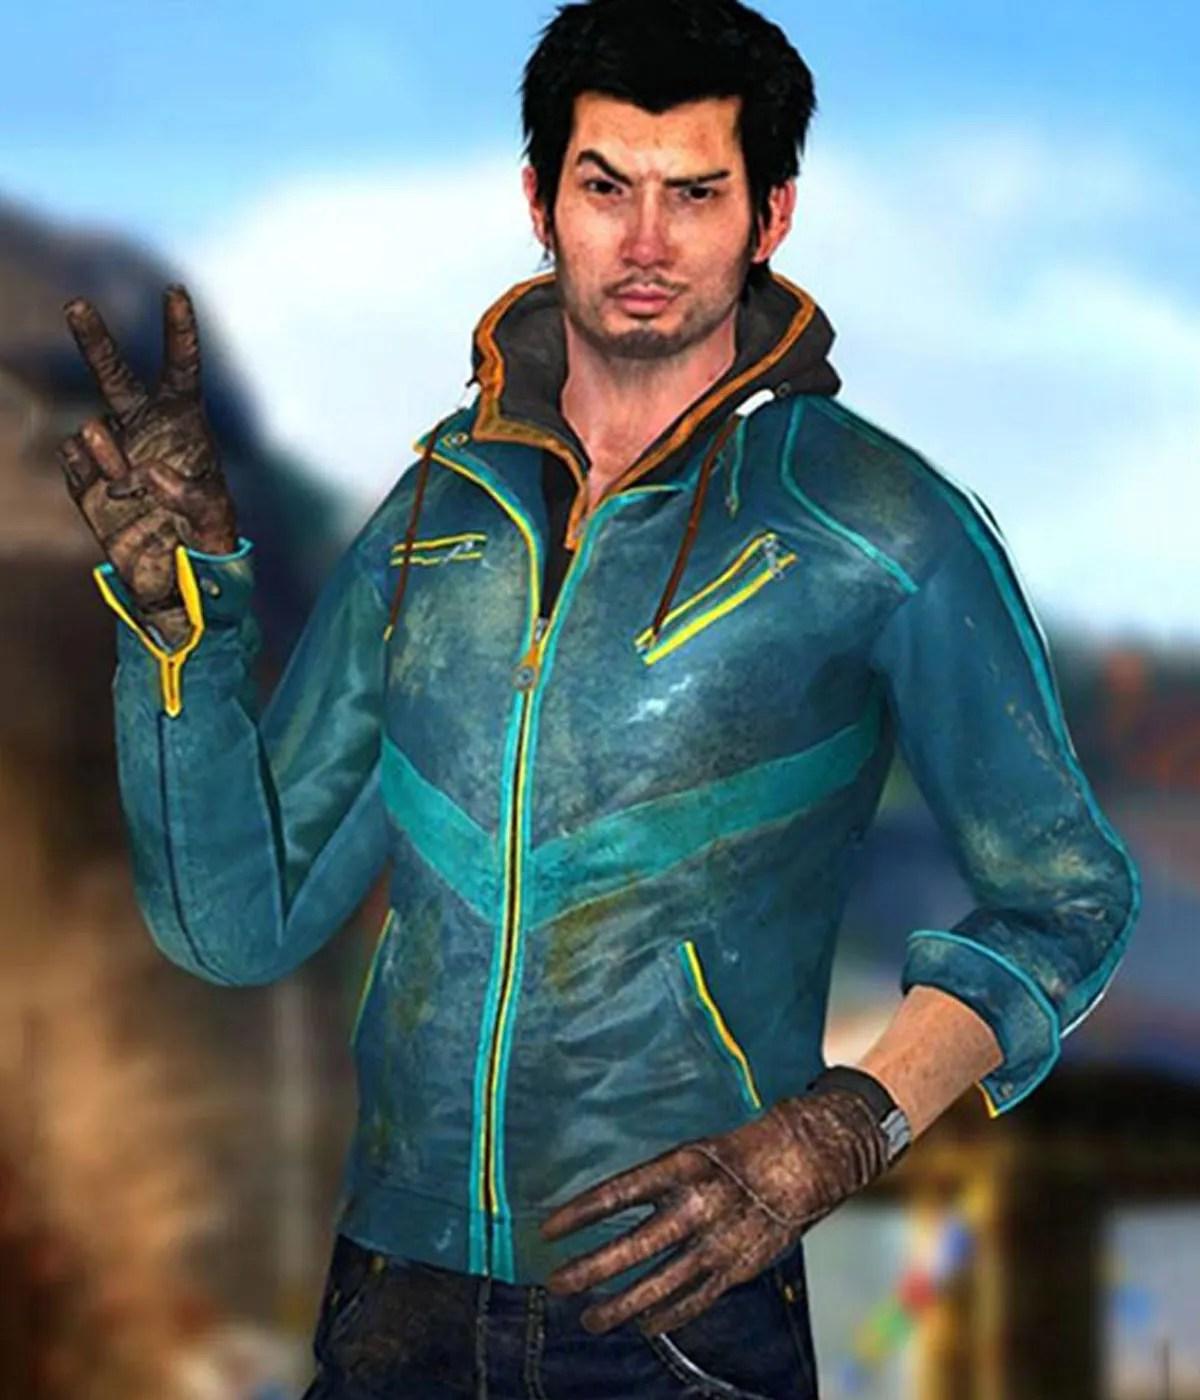 ajay-ghale-far-cry-4-jacket